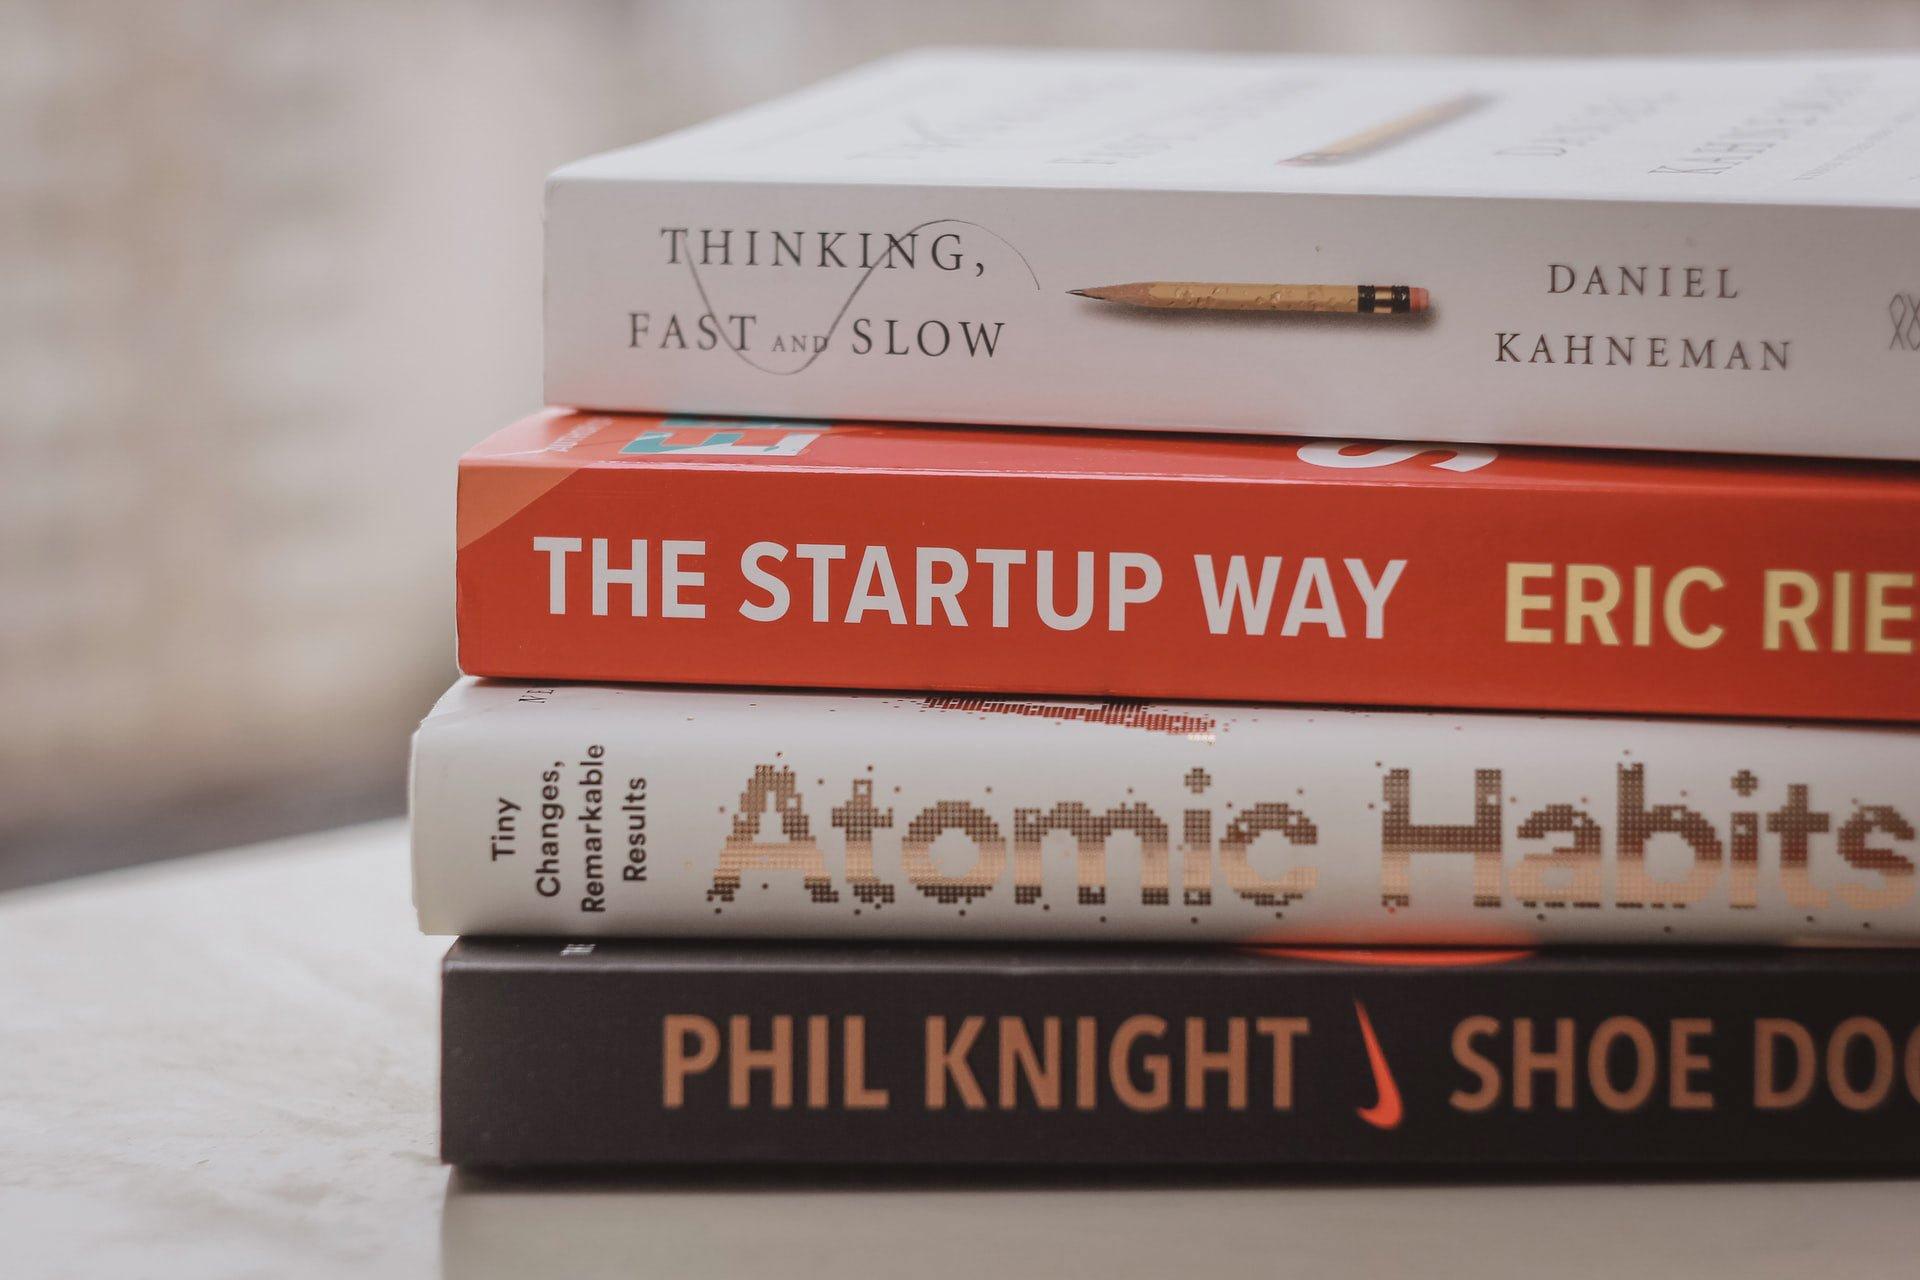 che-cos.e-una-startup-come funziona